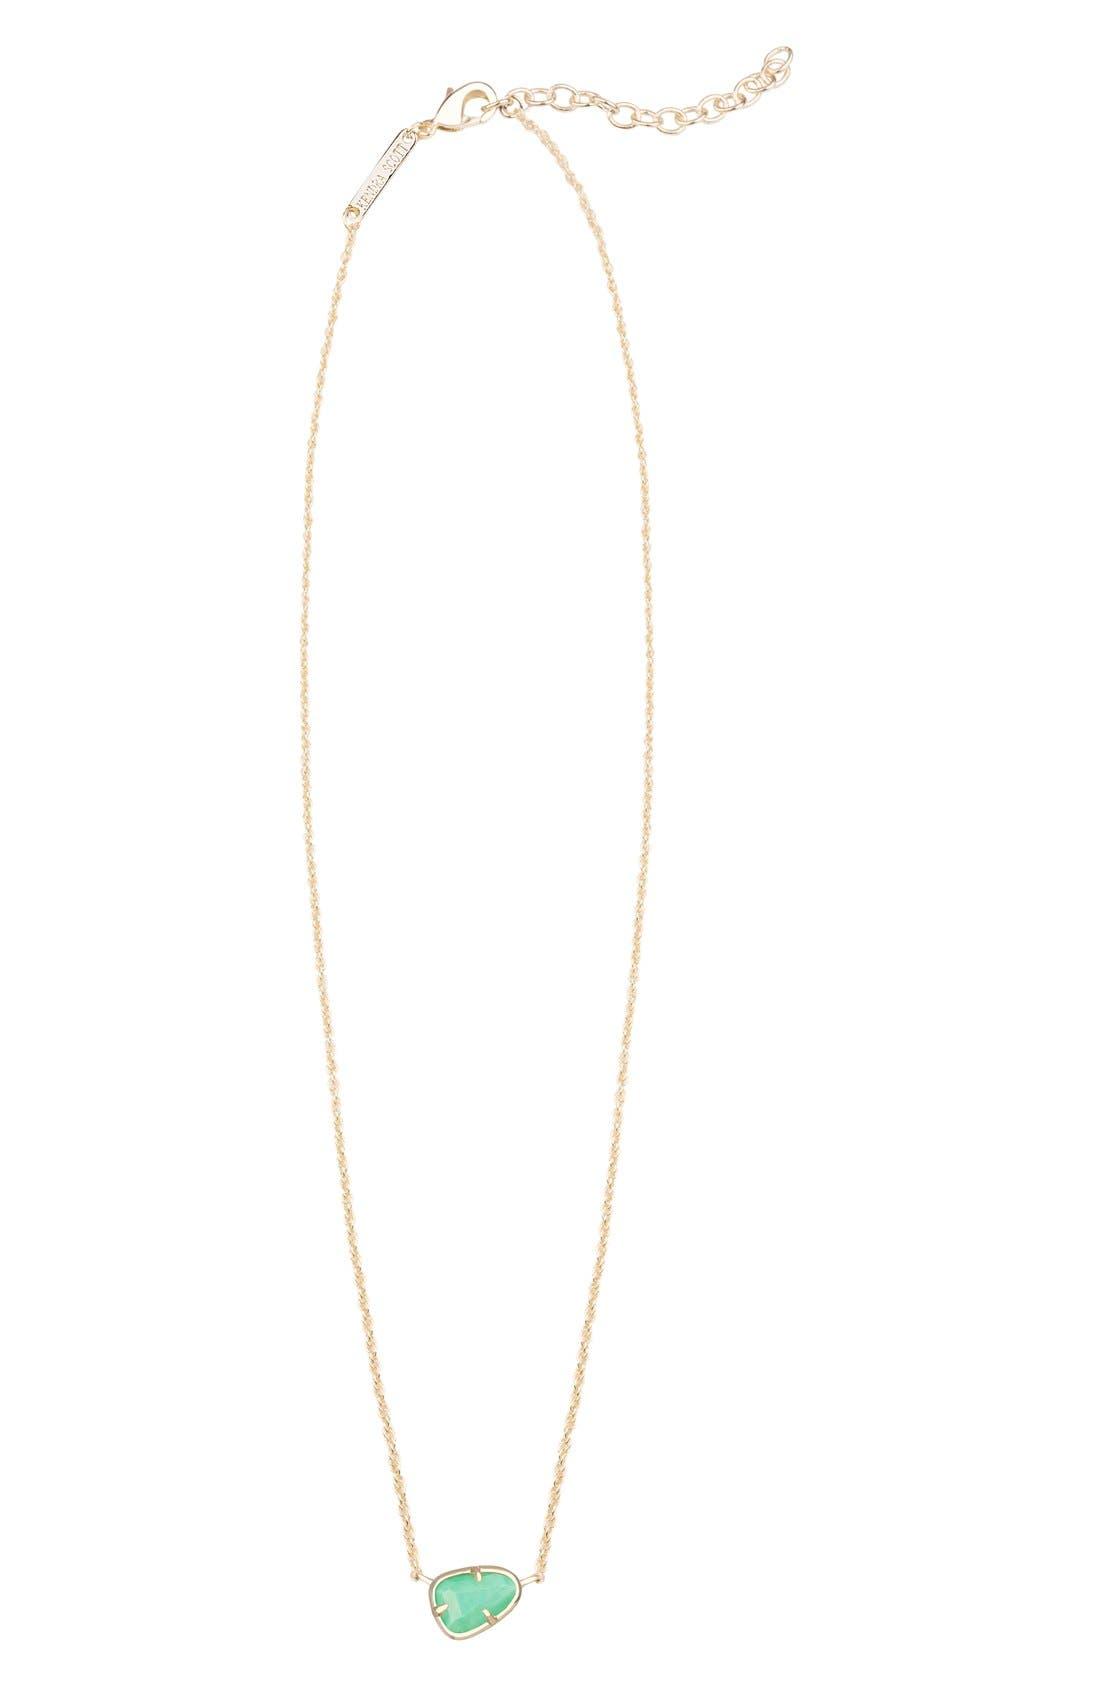 Alternate Image 1 Selected - Kendra Scott 'Hayden' Pendant Necklace